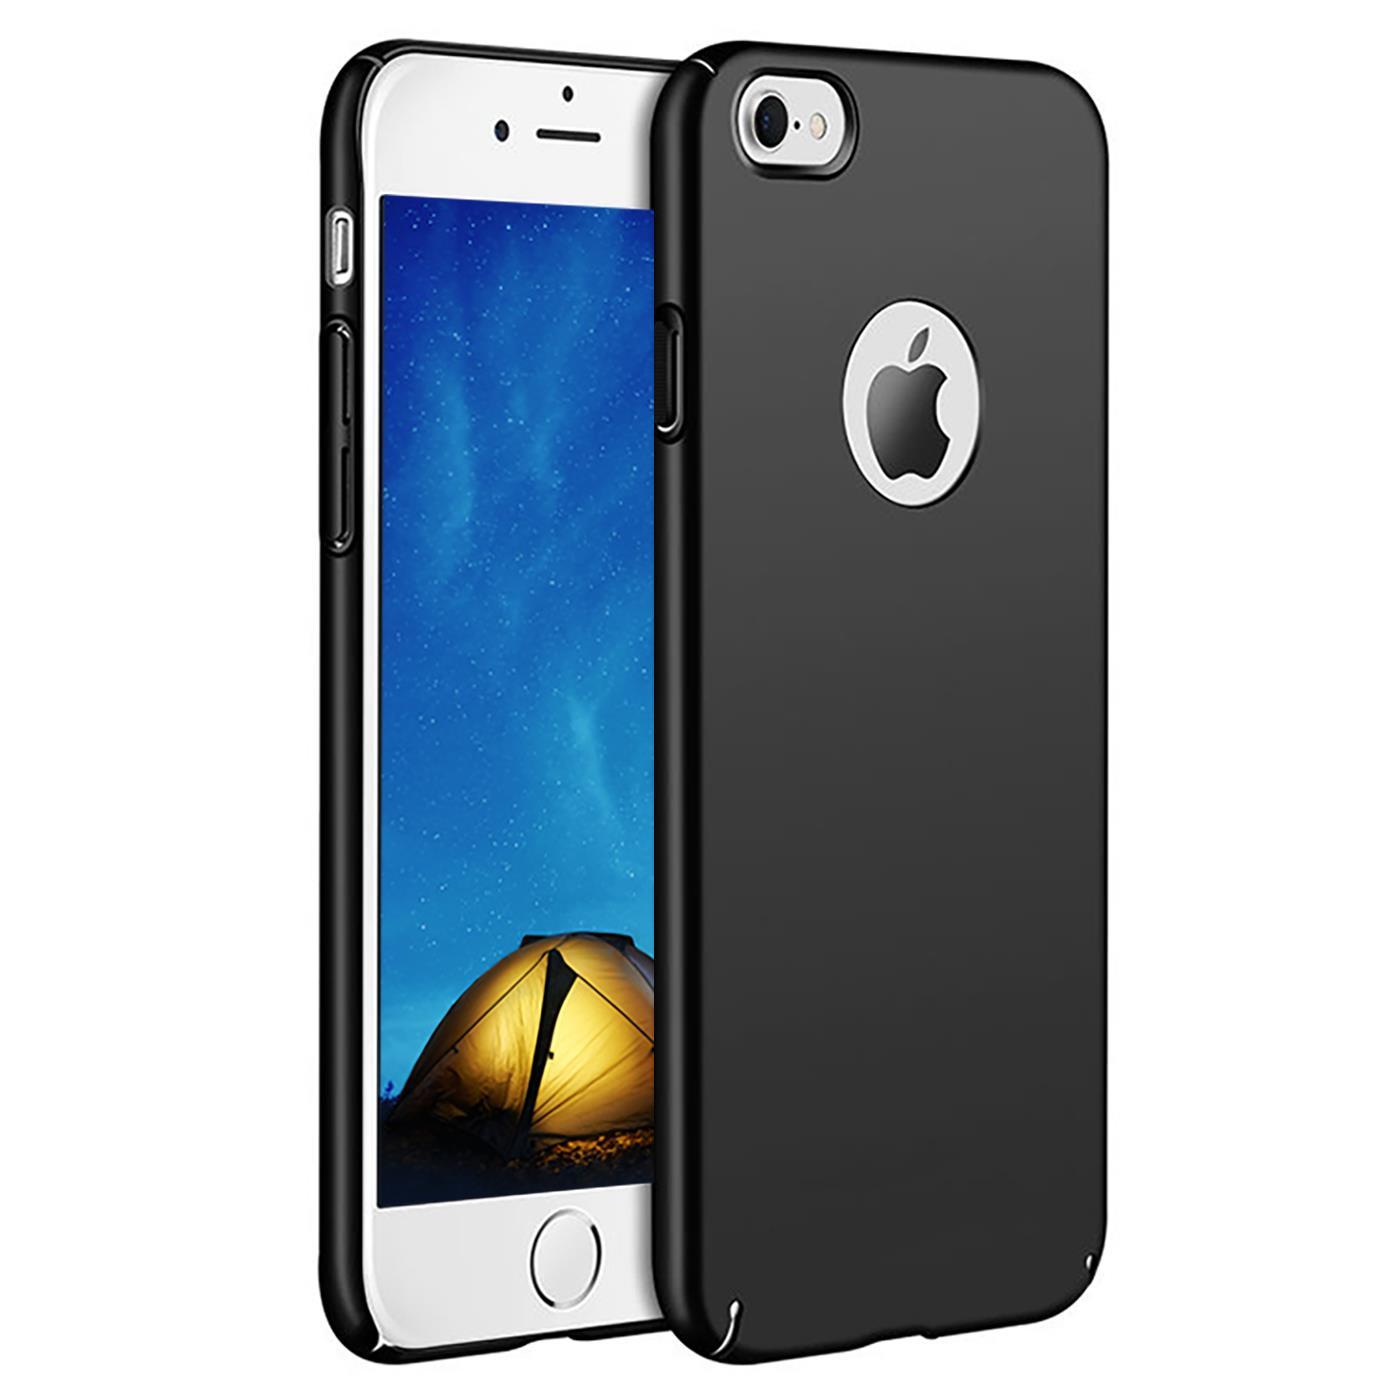 Slim-Cover-Schutzhuelle-Apple-iPhone-Handy-Schutz-Tasche-Huelle-Glas-Panzer-Folie Indexbild 9